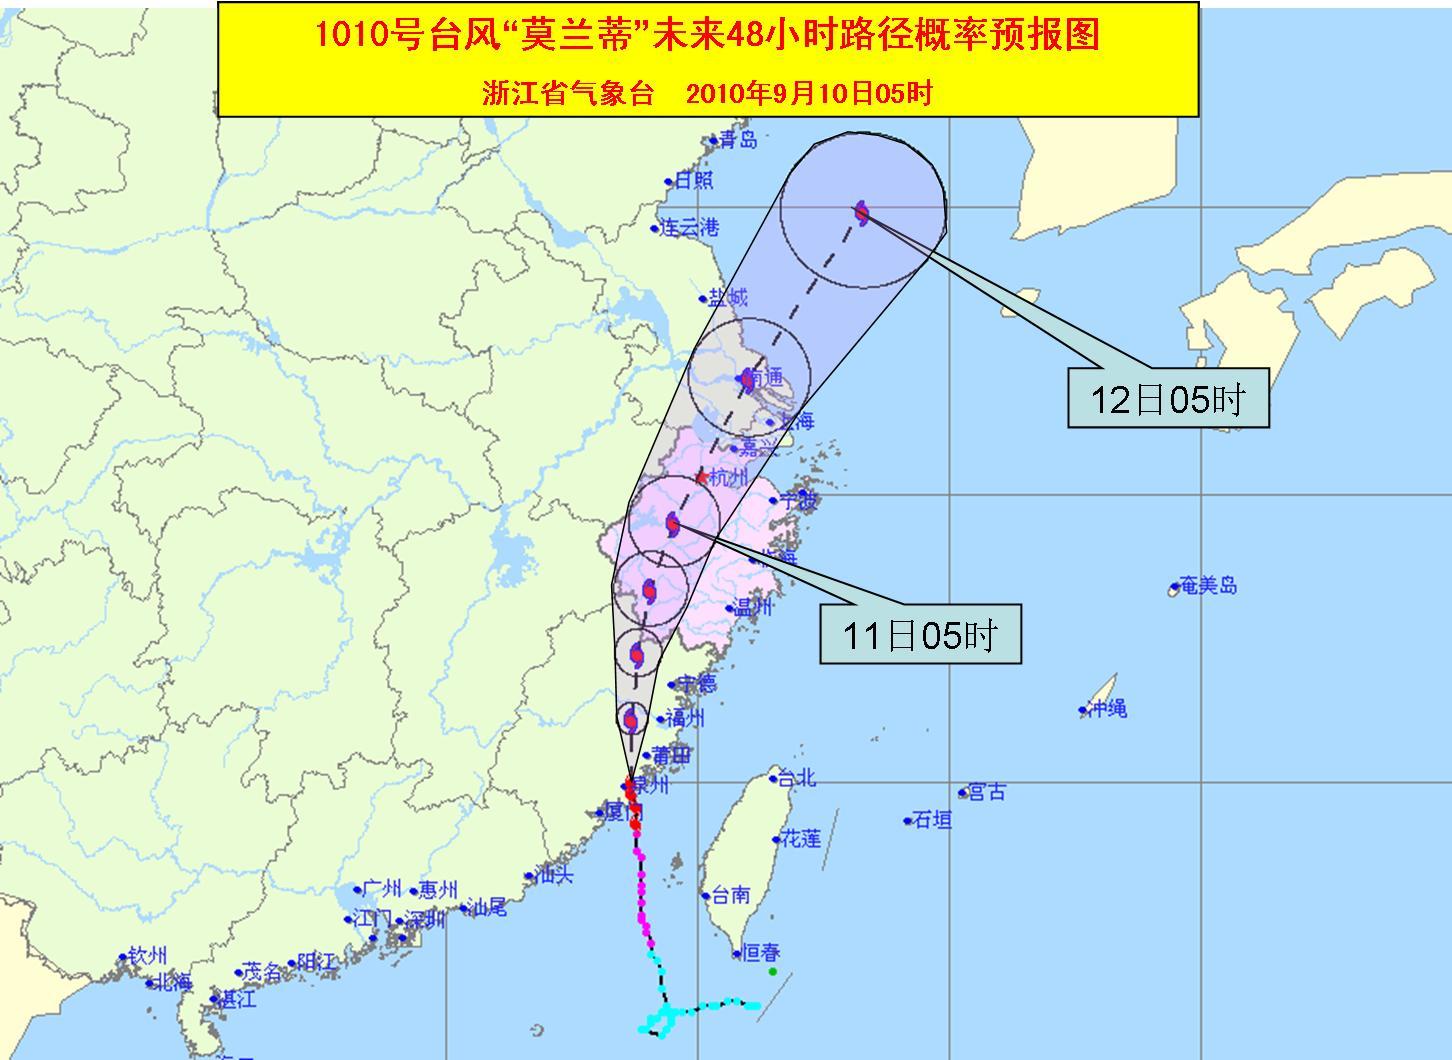 天兔台风动态_天兔台风最新动态 - www.aihao8w.com